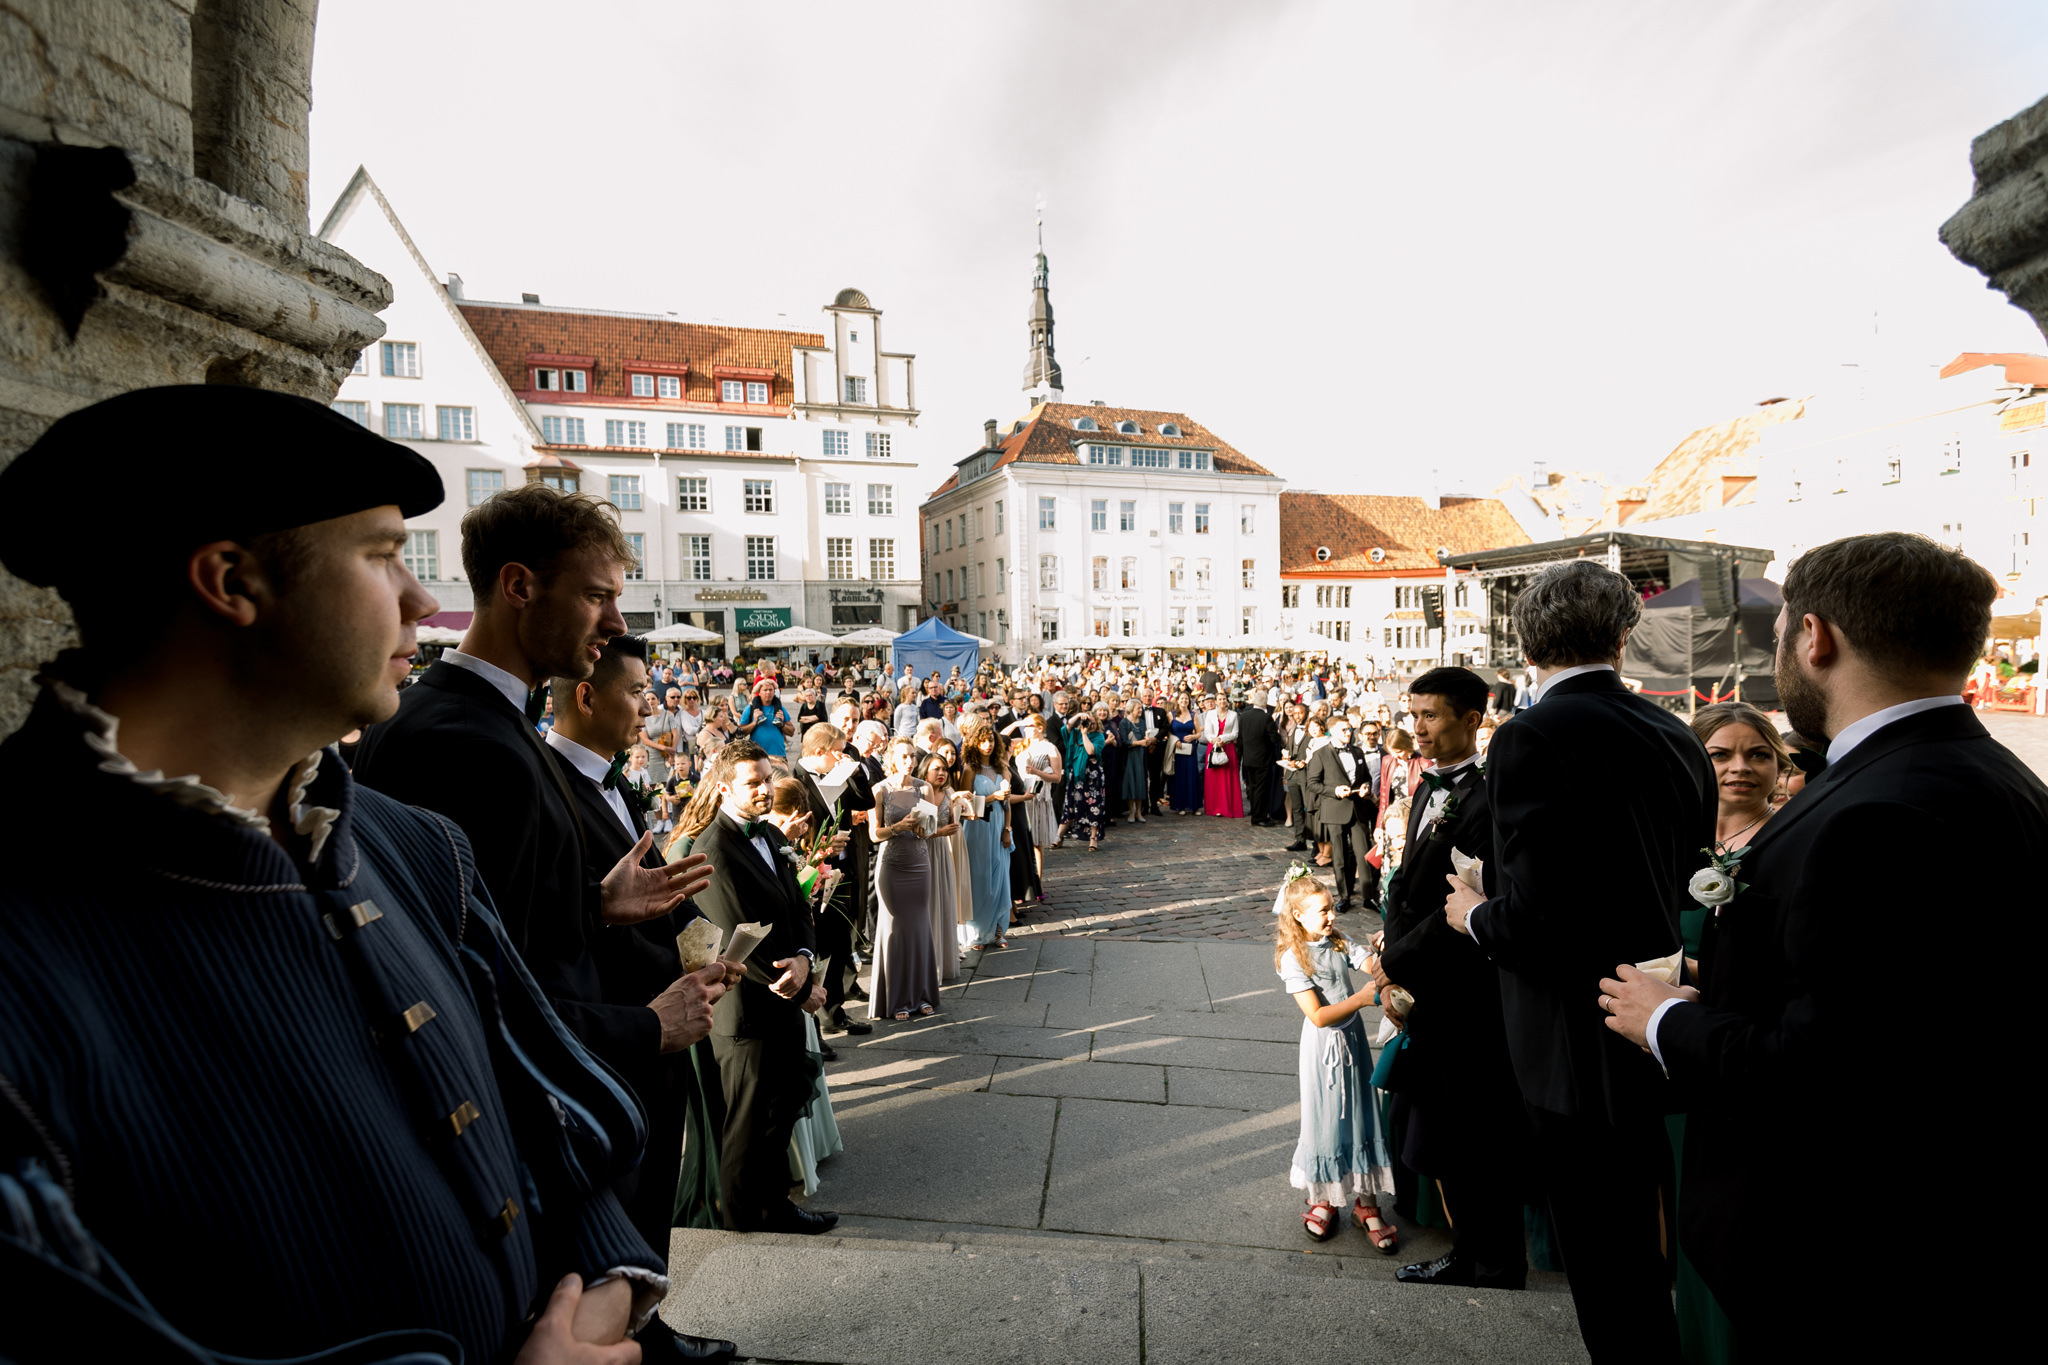 eesti-parim-pulmafotograaf-tallinna-raekoda-mait-juriado-mj-stud